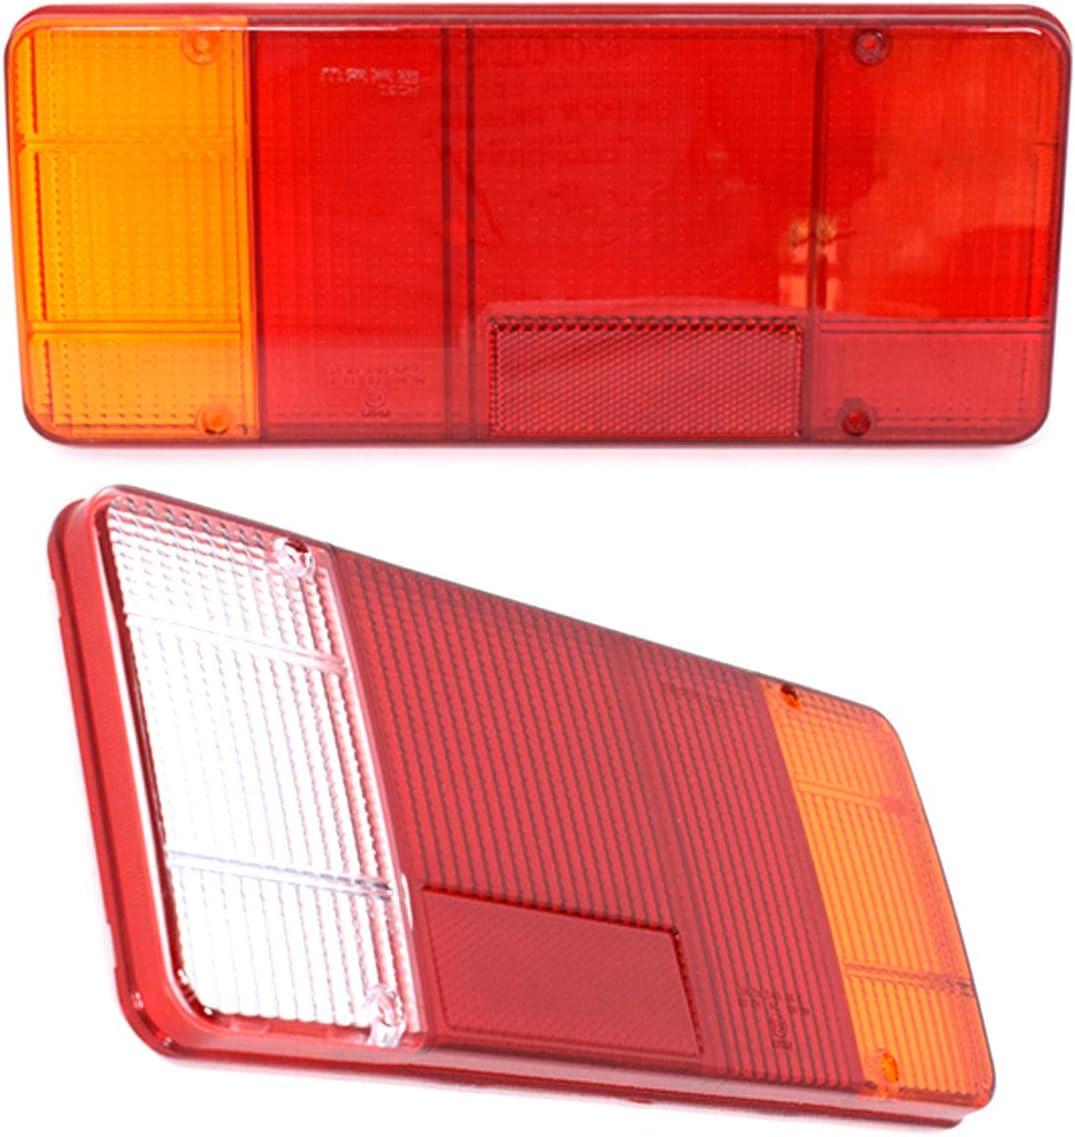 2 Stücke Lichtscheibe Glas Ersatzglas Rückleuchten Rücklichtglas Lkw Pkw Anhänger Heckleuchte Auto